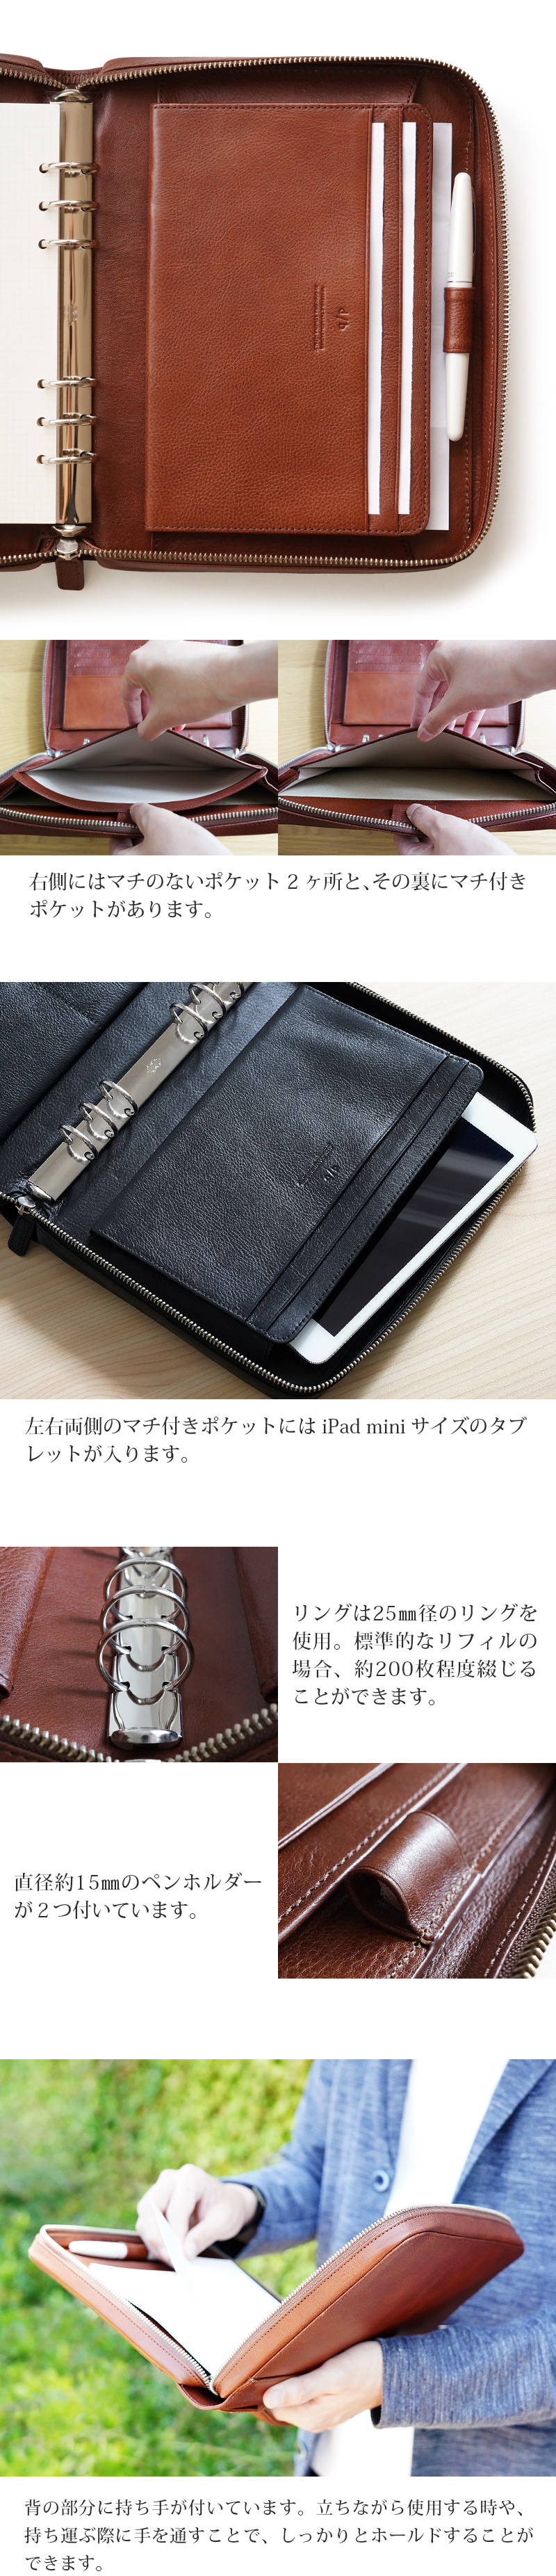 カードポケット8ヶ所、マチなしポケット3ヶ所、マチ付きポケット2ヶ所、ペンホルダーが2ヶ所あります。左右両側のマチ付きポケットにはiPad miniサイズのタブレットが入ります。